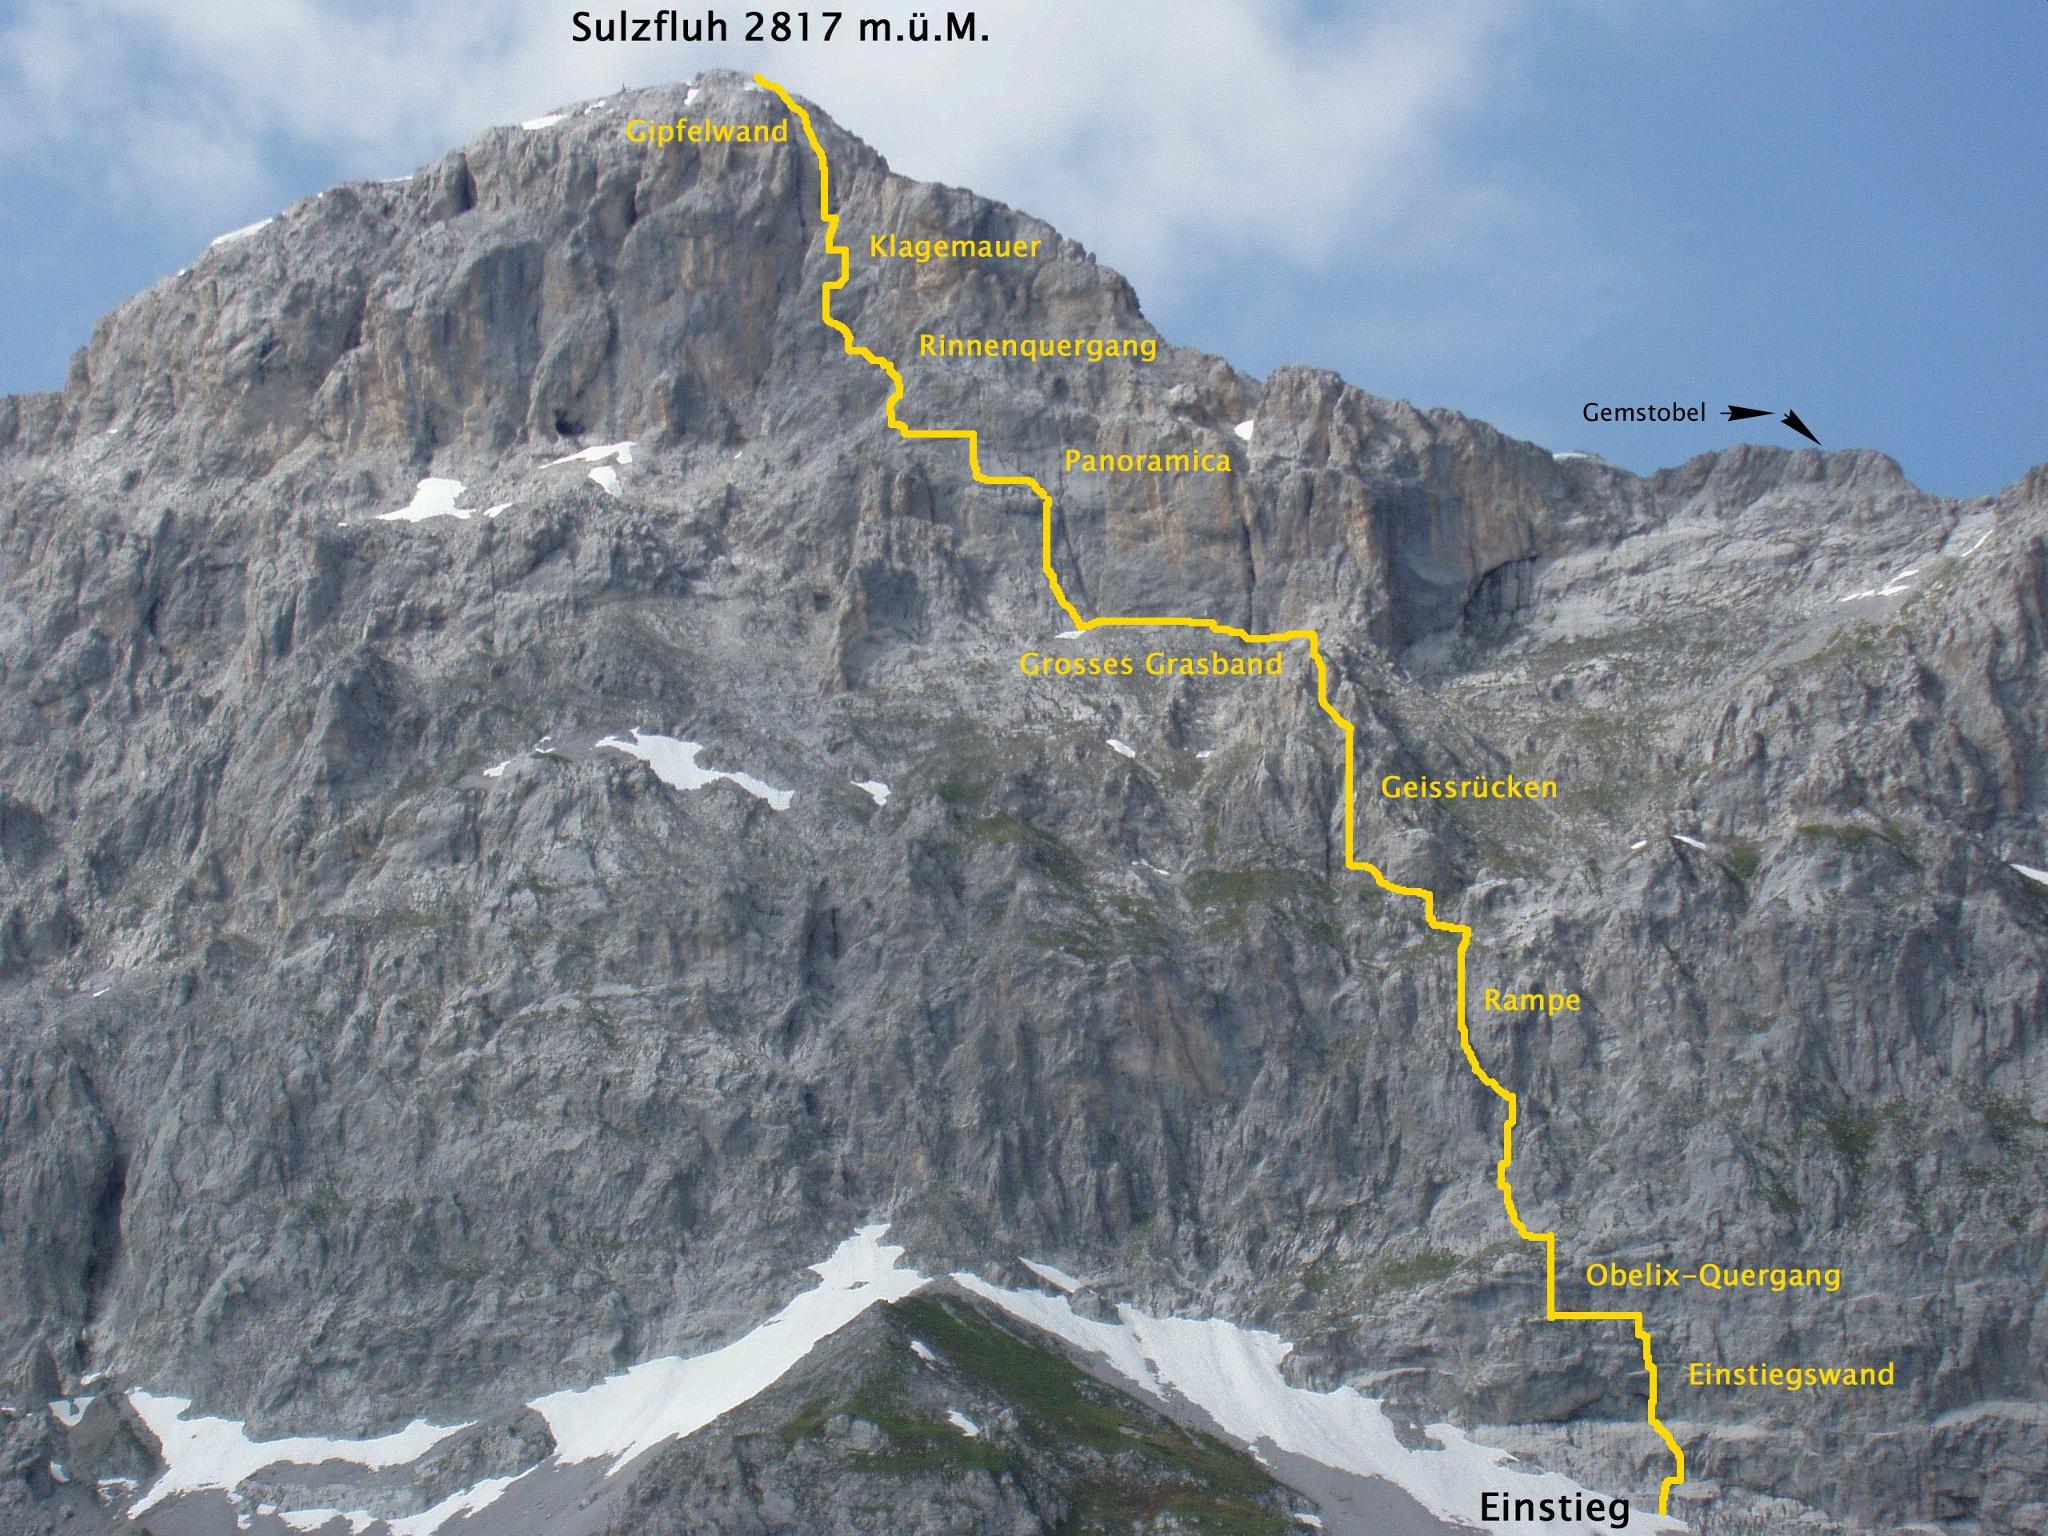 Klettersteig Sulzfluh : Klettersteig sulzfluh schweizer seite Österreichs wanderdörfer